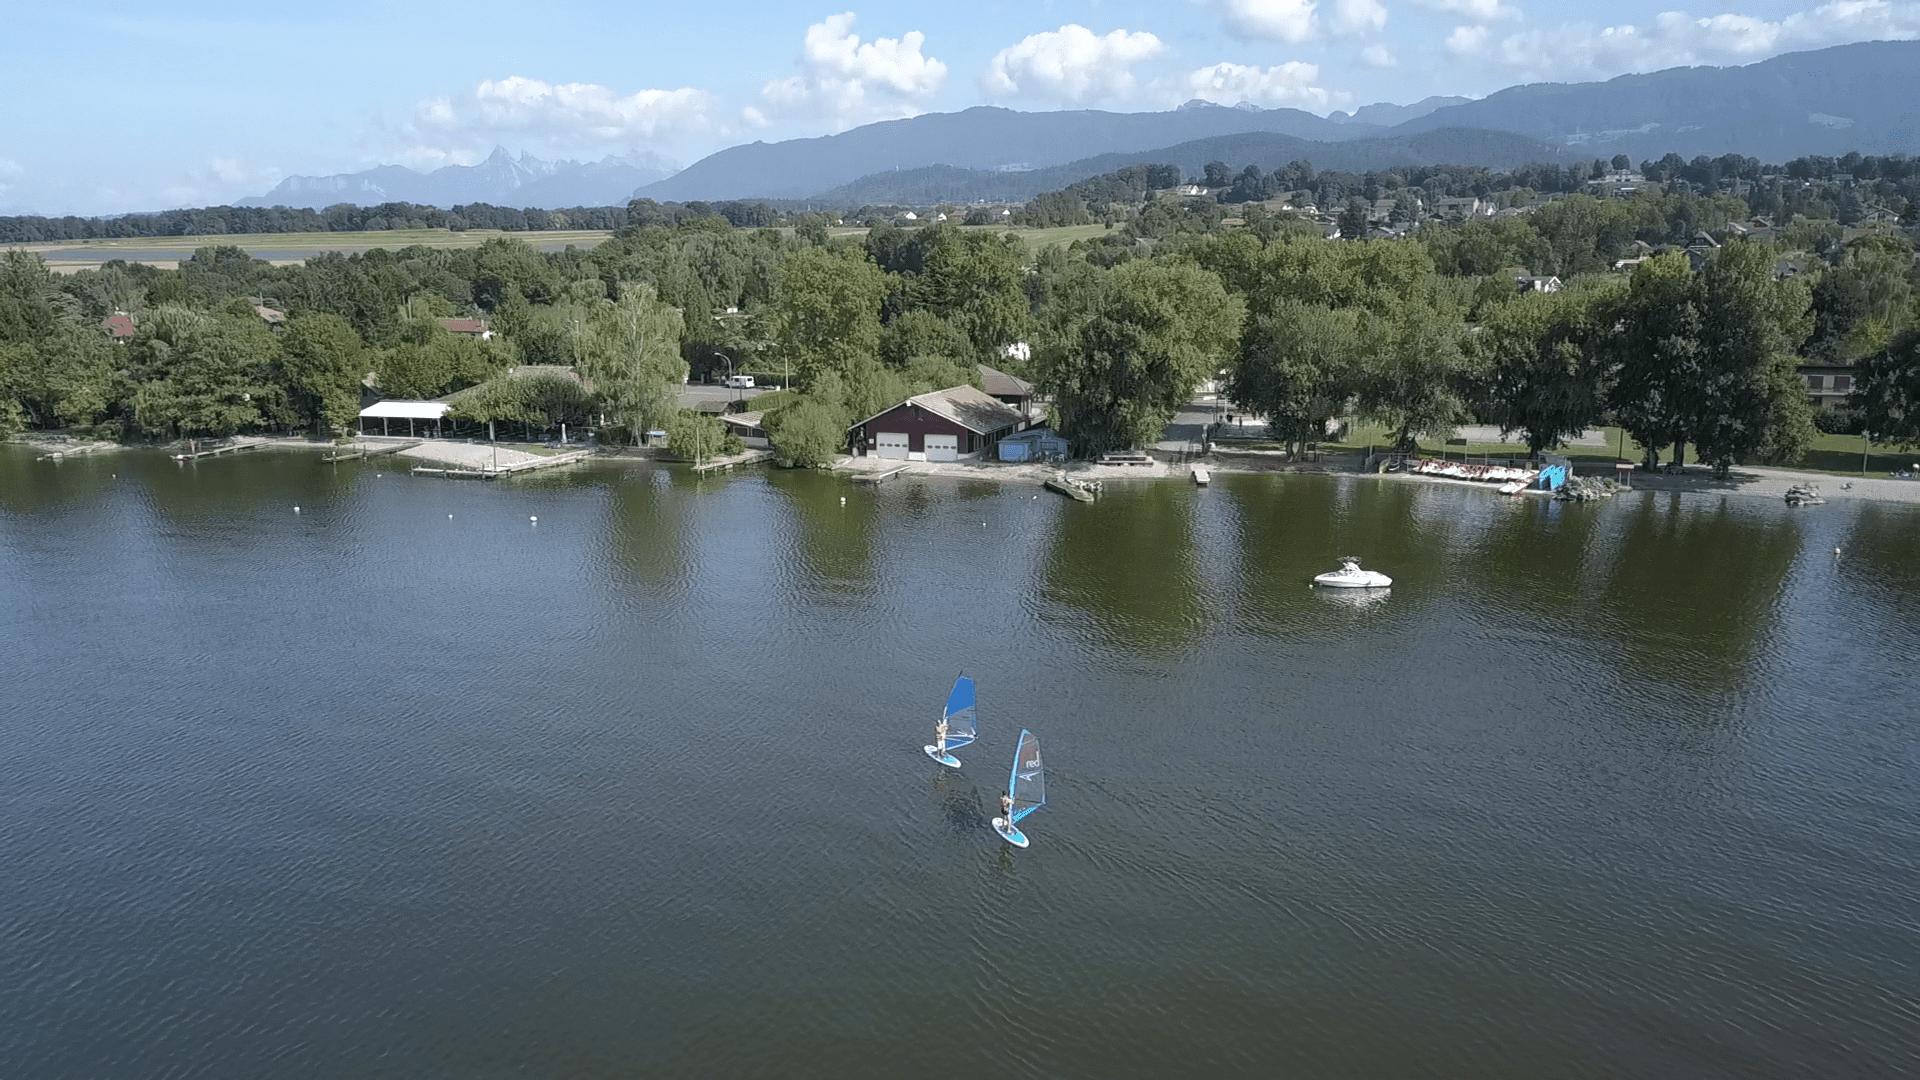 Lac Léman - France - Aqua Léman Nautique - SUP windsurf wakeboard